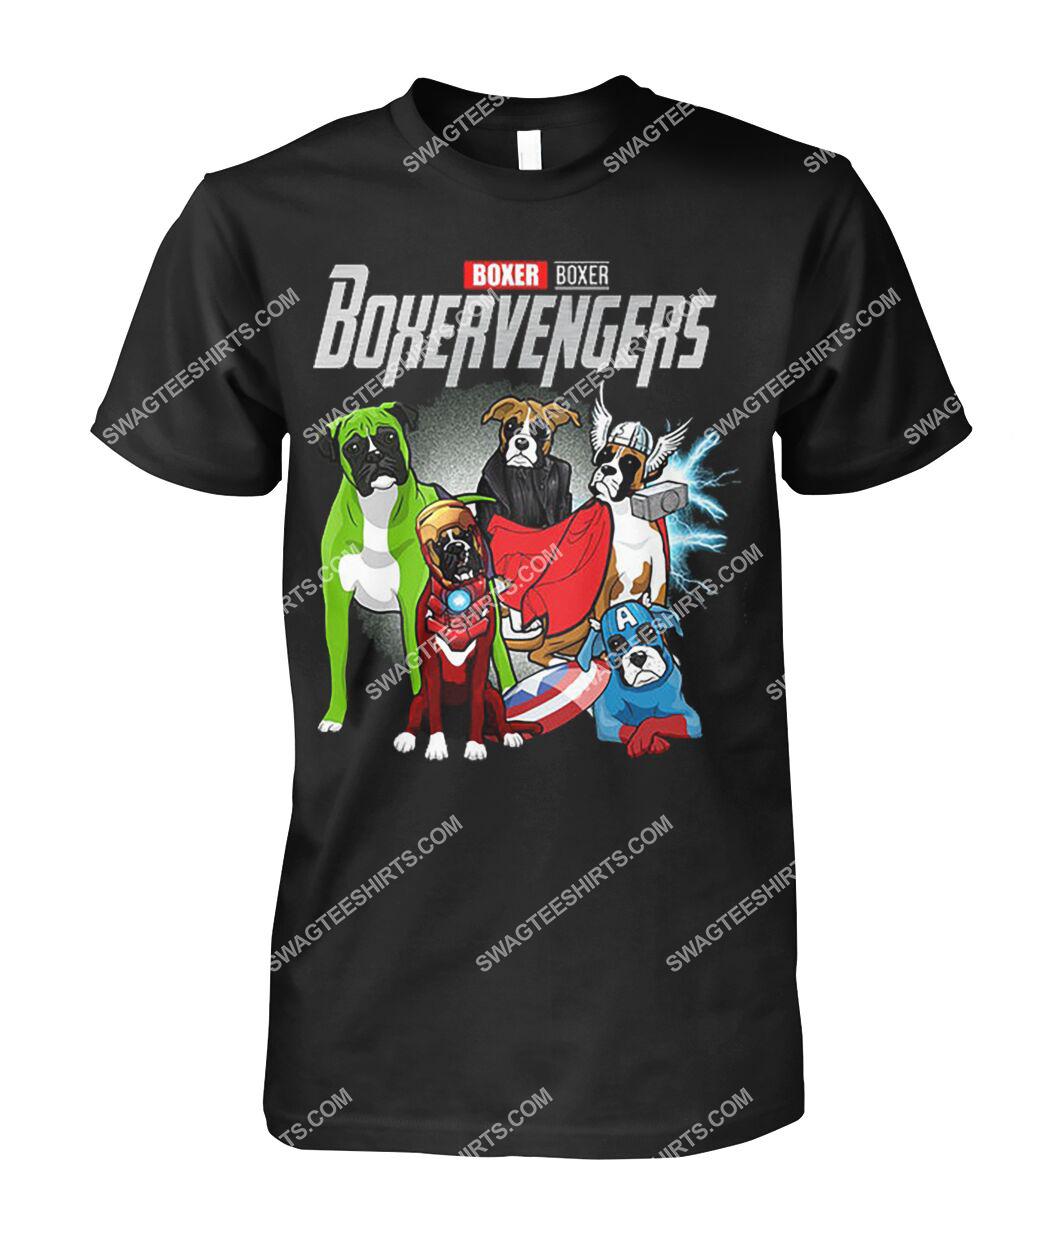 boxer boxervengers marvel avengers dogs lover tshirt 1